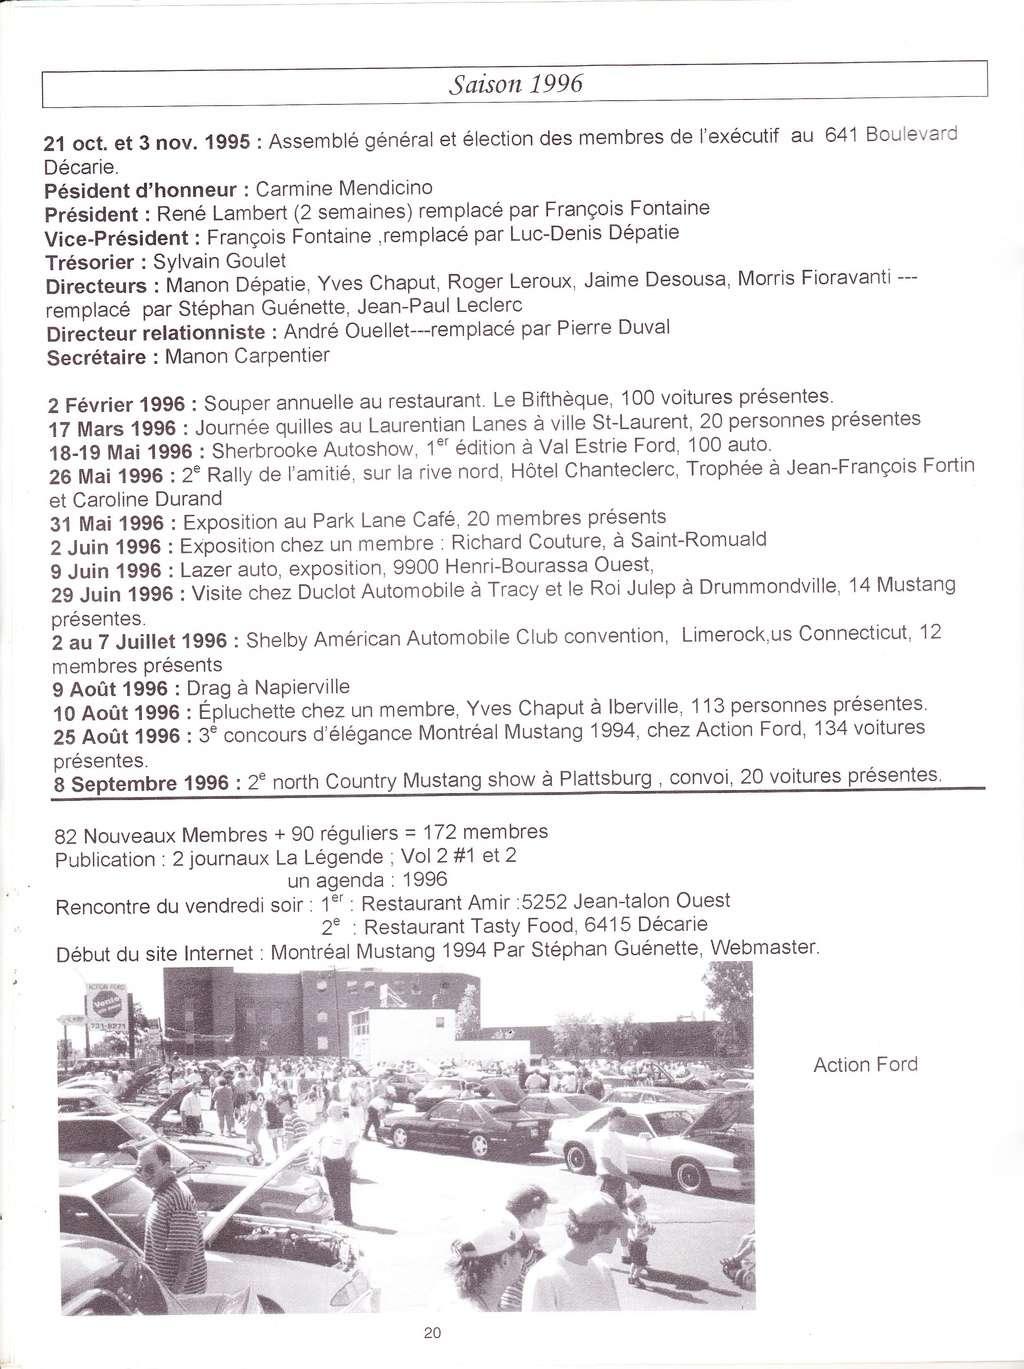 Montréal Mustang dans le temps! 1981 à aujourd'hui (Histoire en photos) La_lyg61